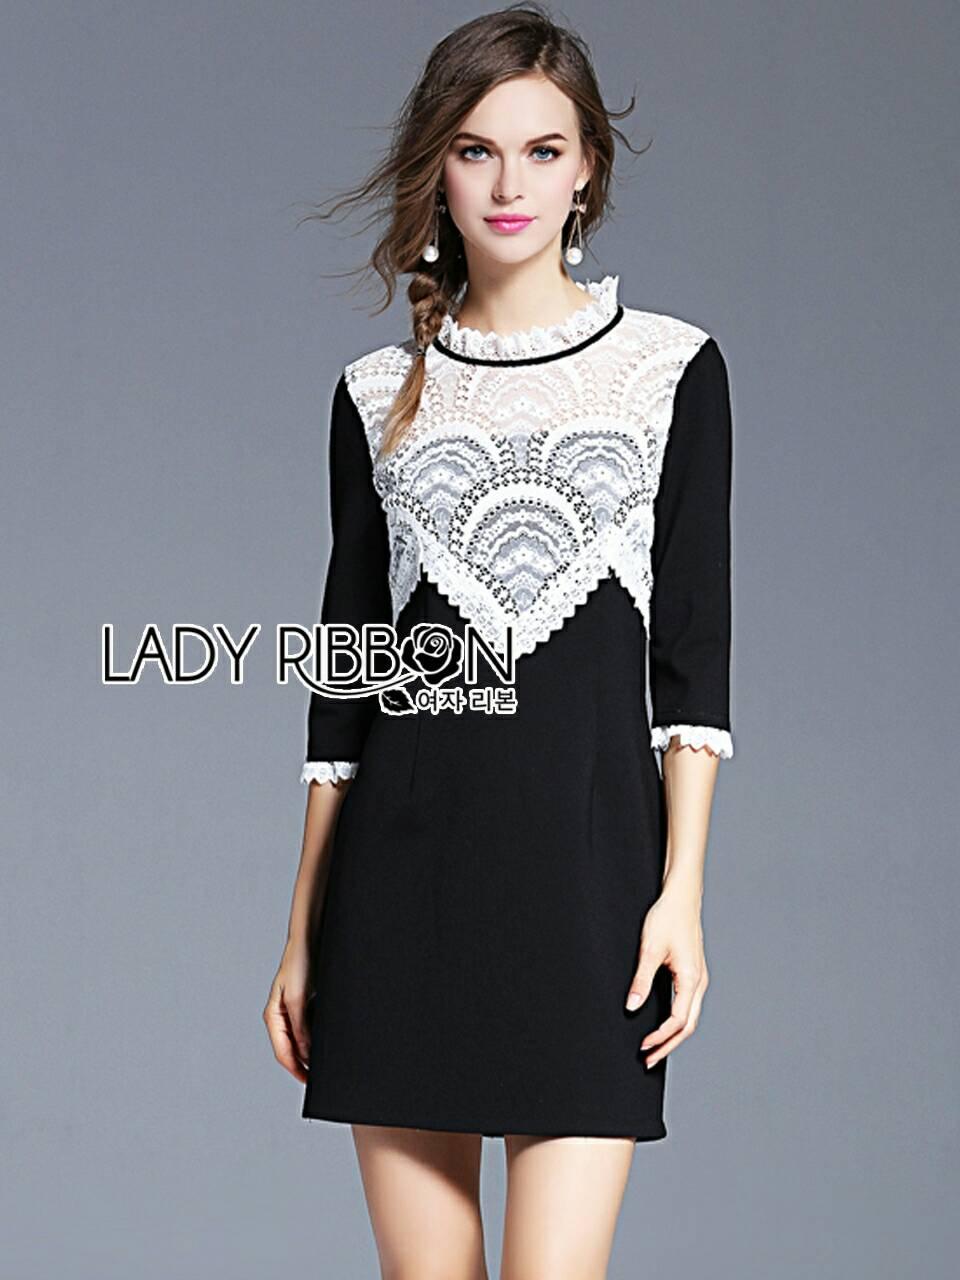 มินิเดรสสีดำตกแต่งลูกไม้สีขาวทรงคอสูงดีไซน์วินเทจ แขนสี่ส่วน มี S M by Lady Ribbon